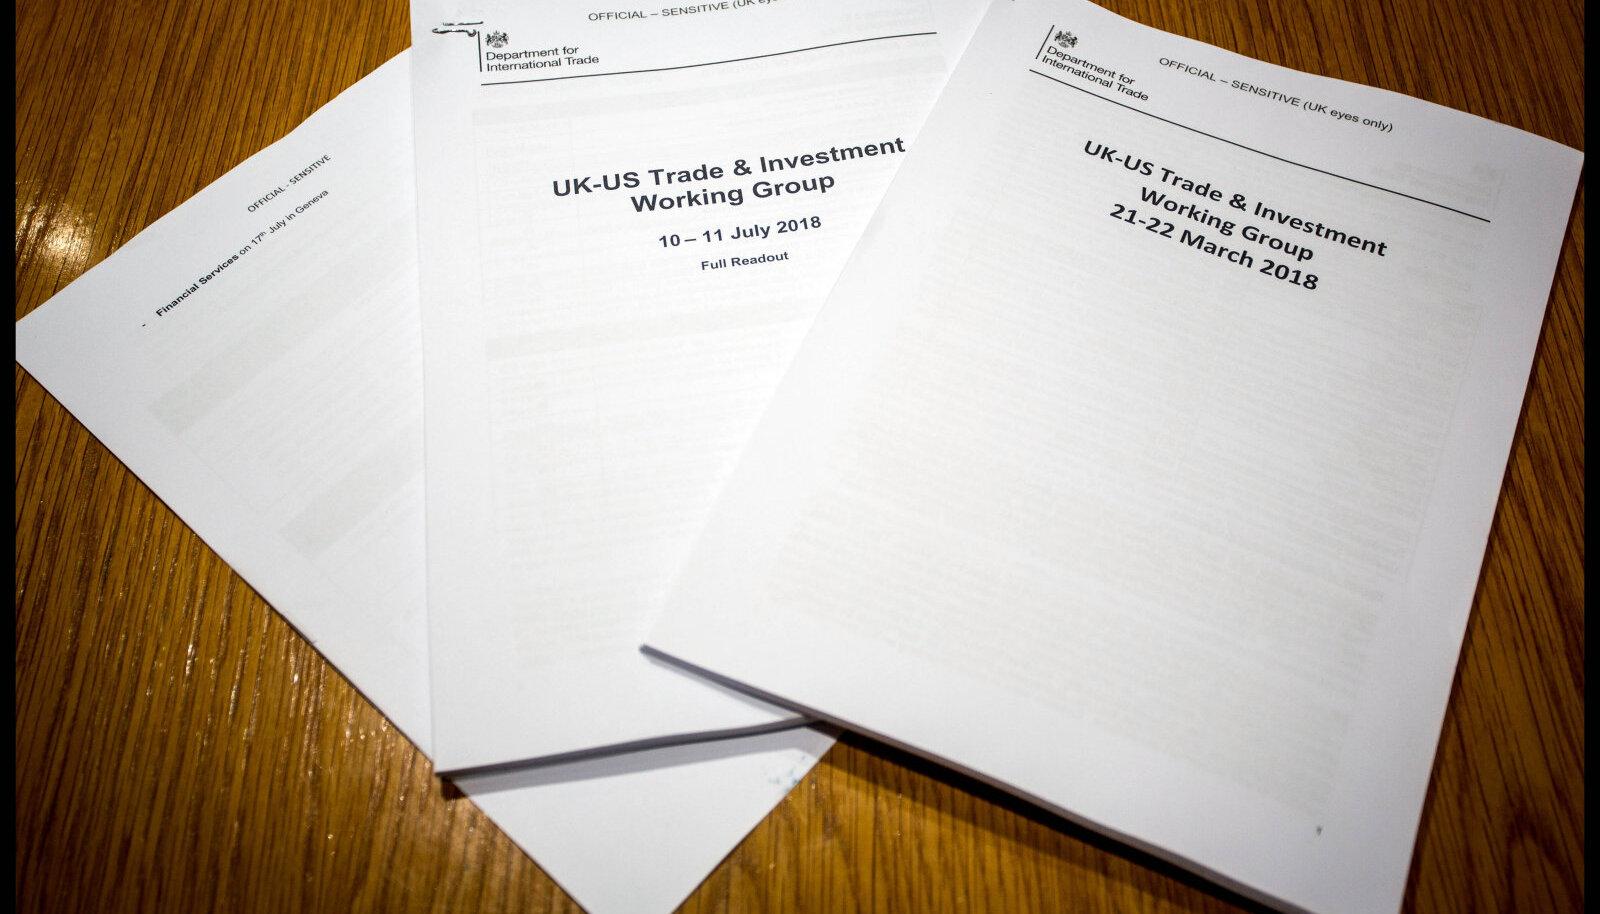 Lekkinud USA-Ühendkuningriigi kaubandusleppe dokumendid, mida Corbyn presenteeris.